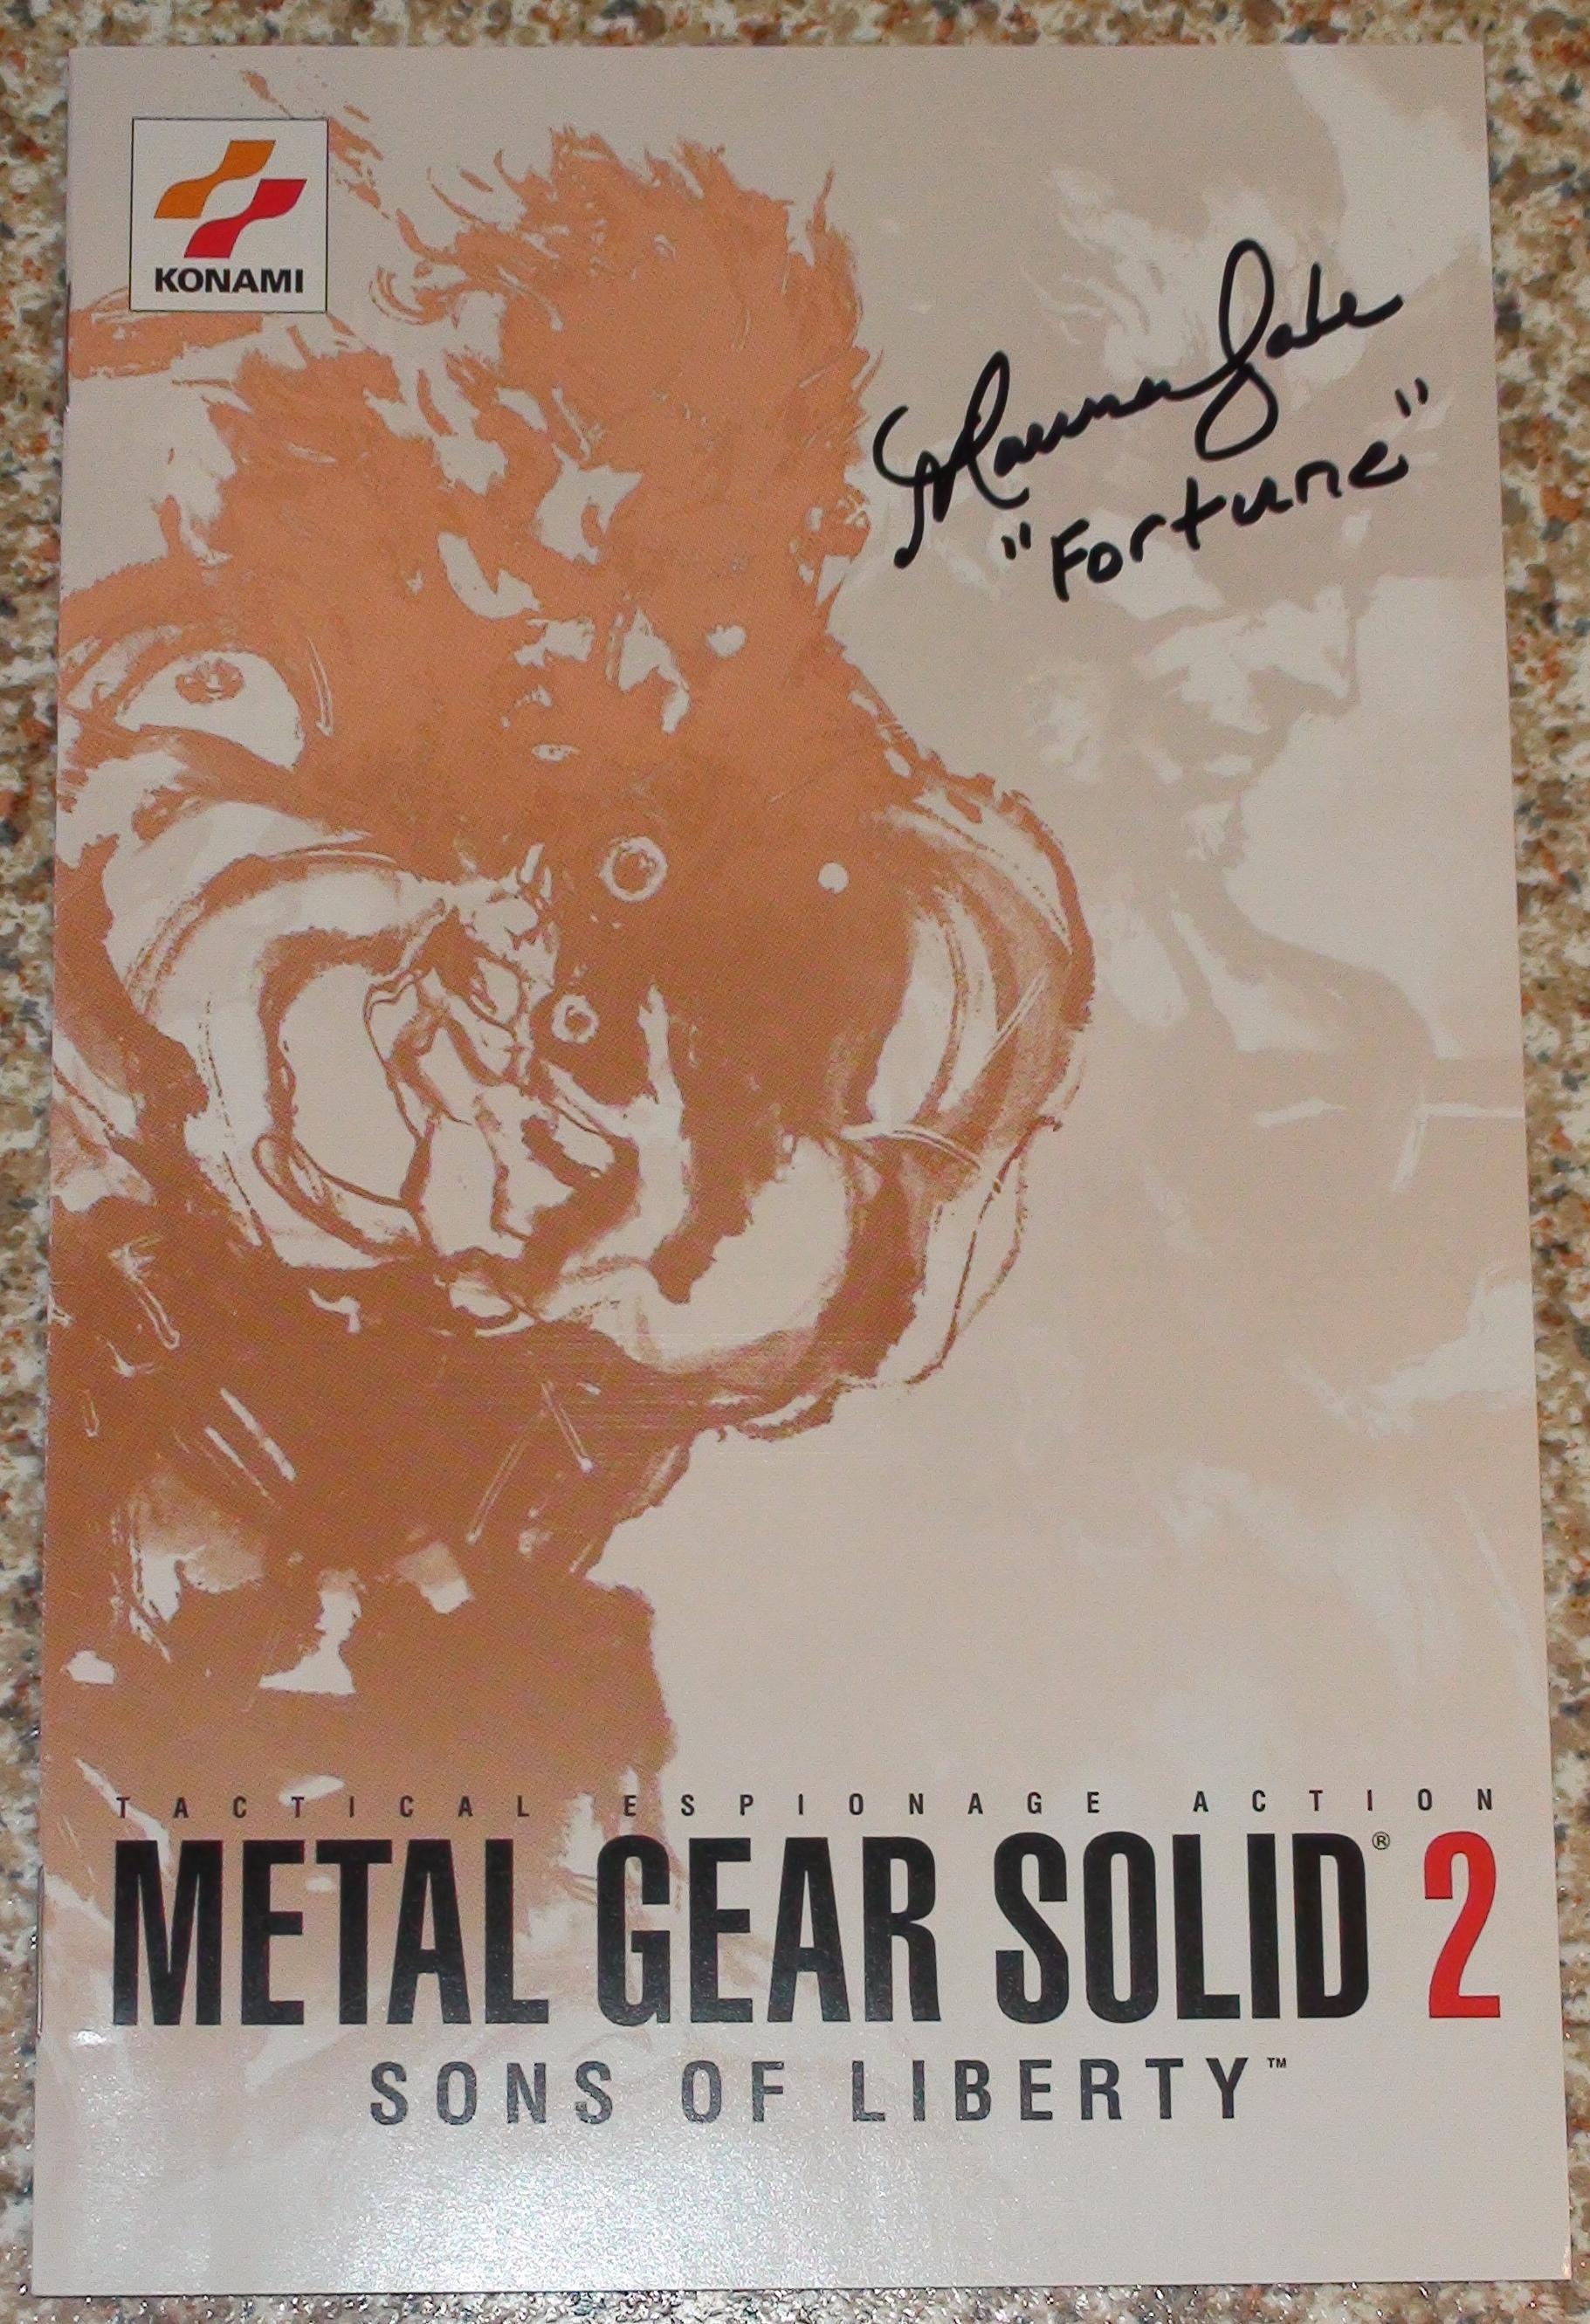 MGS 2 - Maura Gale